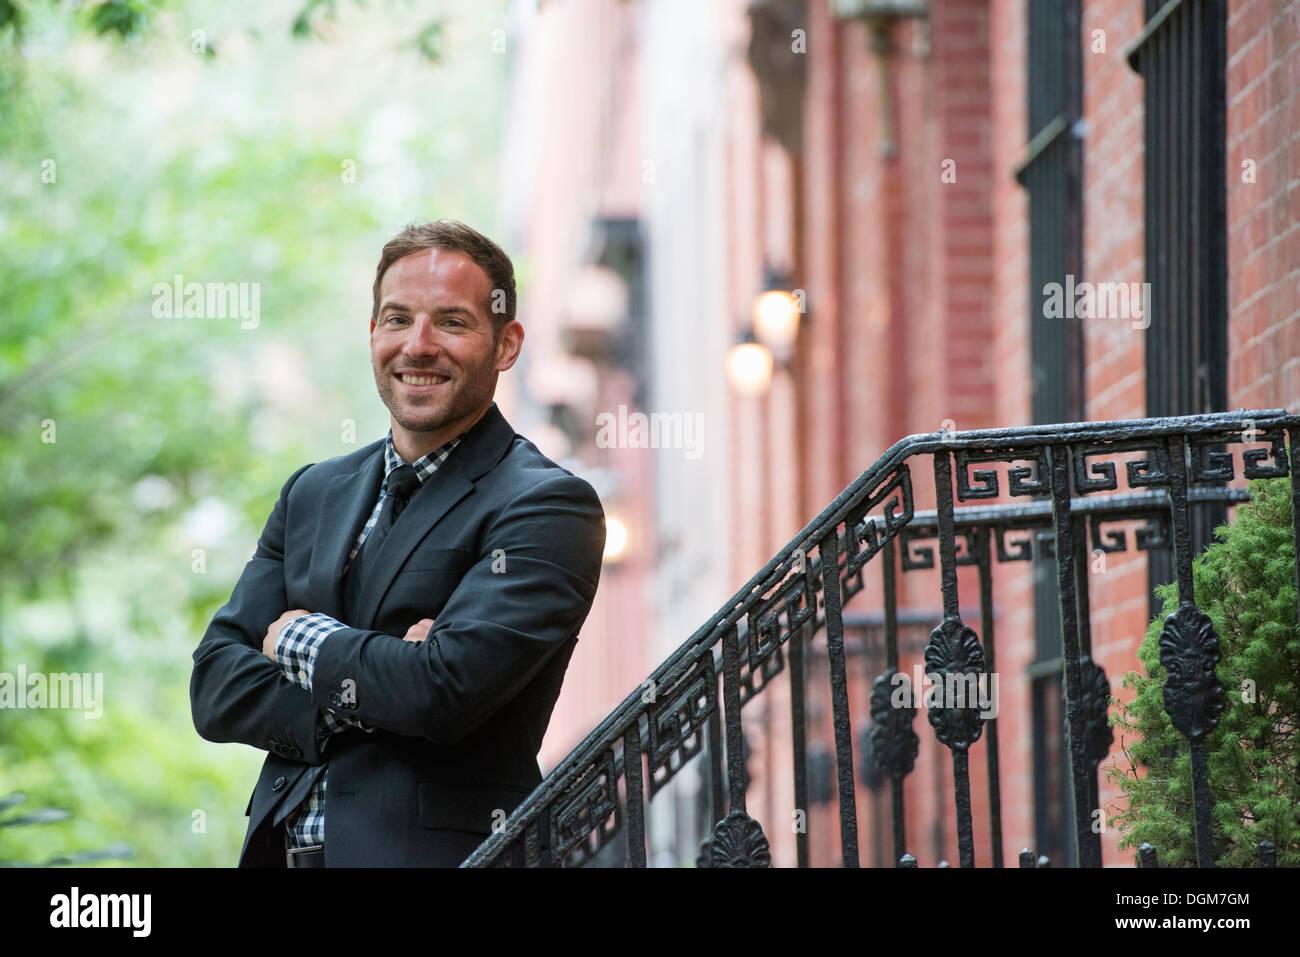 Business-Leute. Ein Mann in einem Anzug auf den Stufen eines Brownstone-Gebäudes. Arme verschränkt. Stockbild